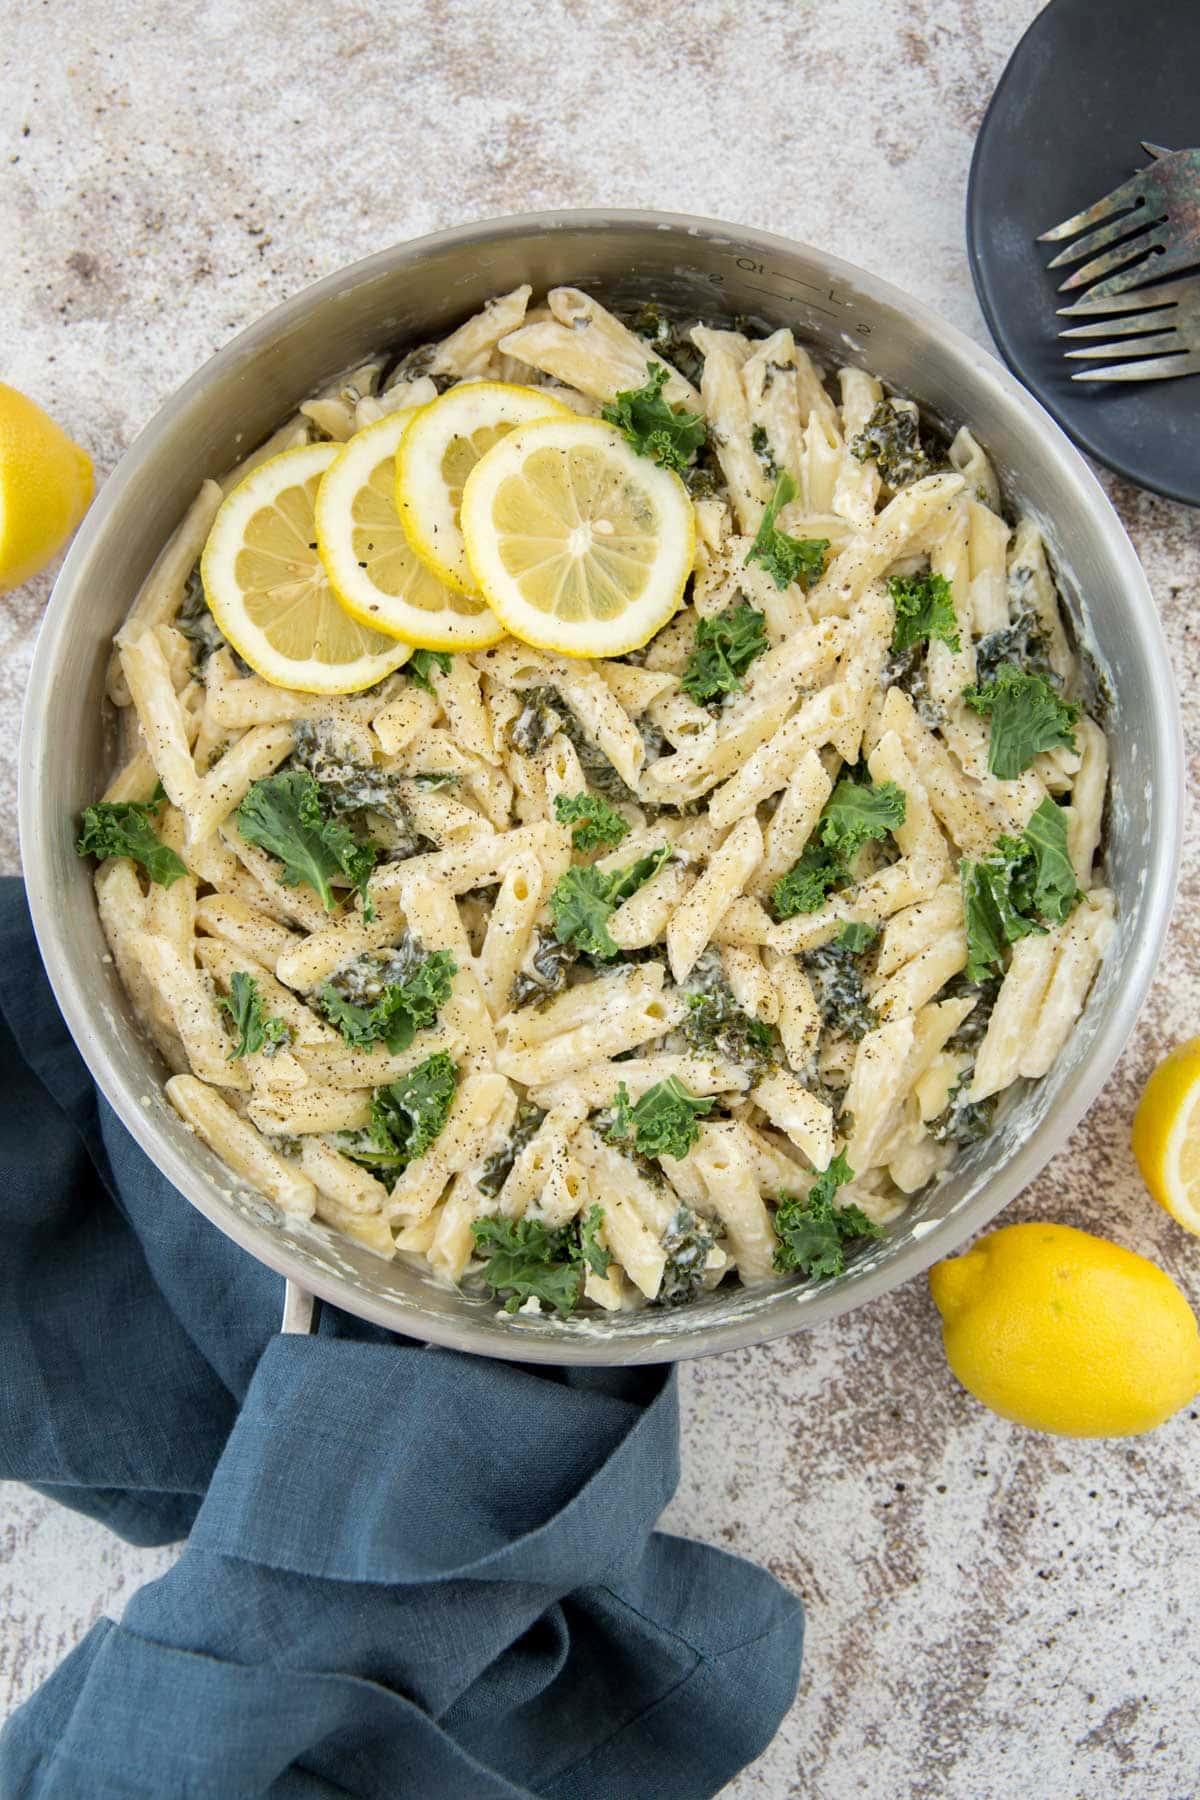 large silver saute pan, pasta, kale, lemon, blue napkin